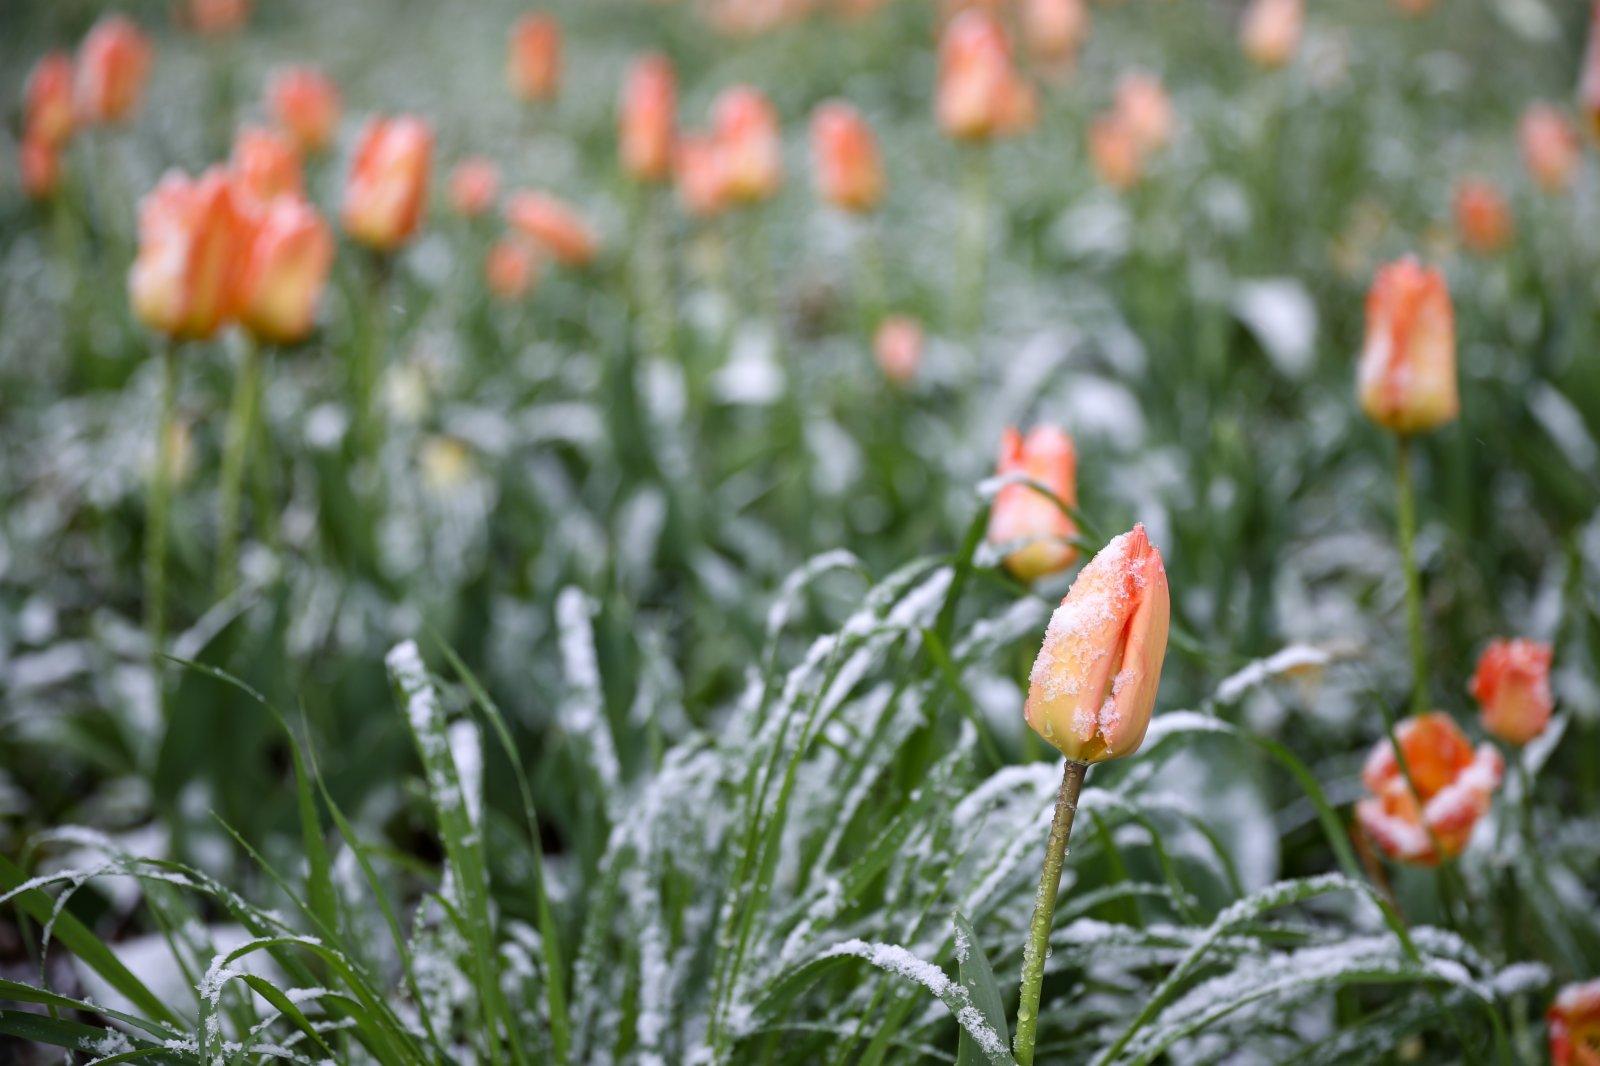 這是4月6日在比利時布魯塞爾五十周年紀念公園拍攝的含苞待放的鬱金香。